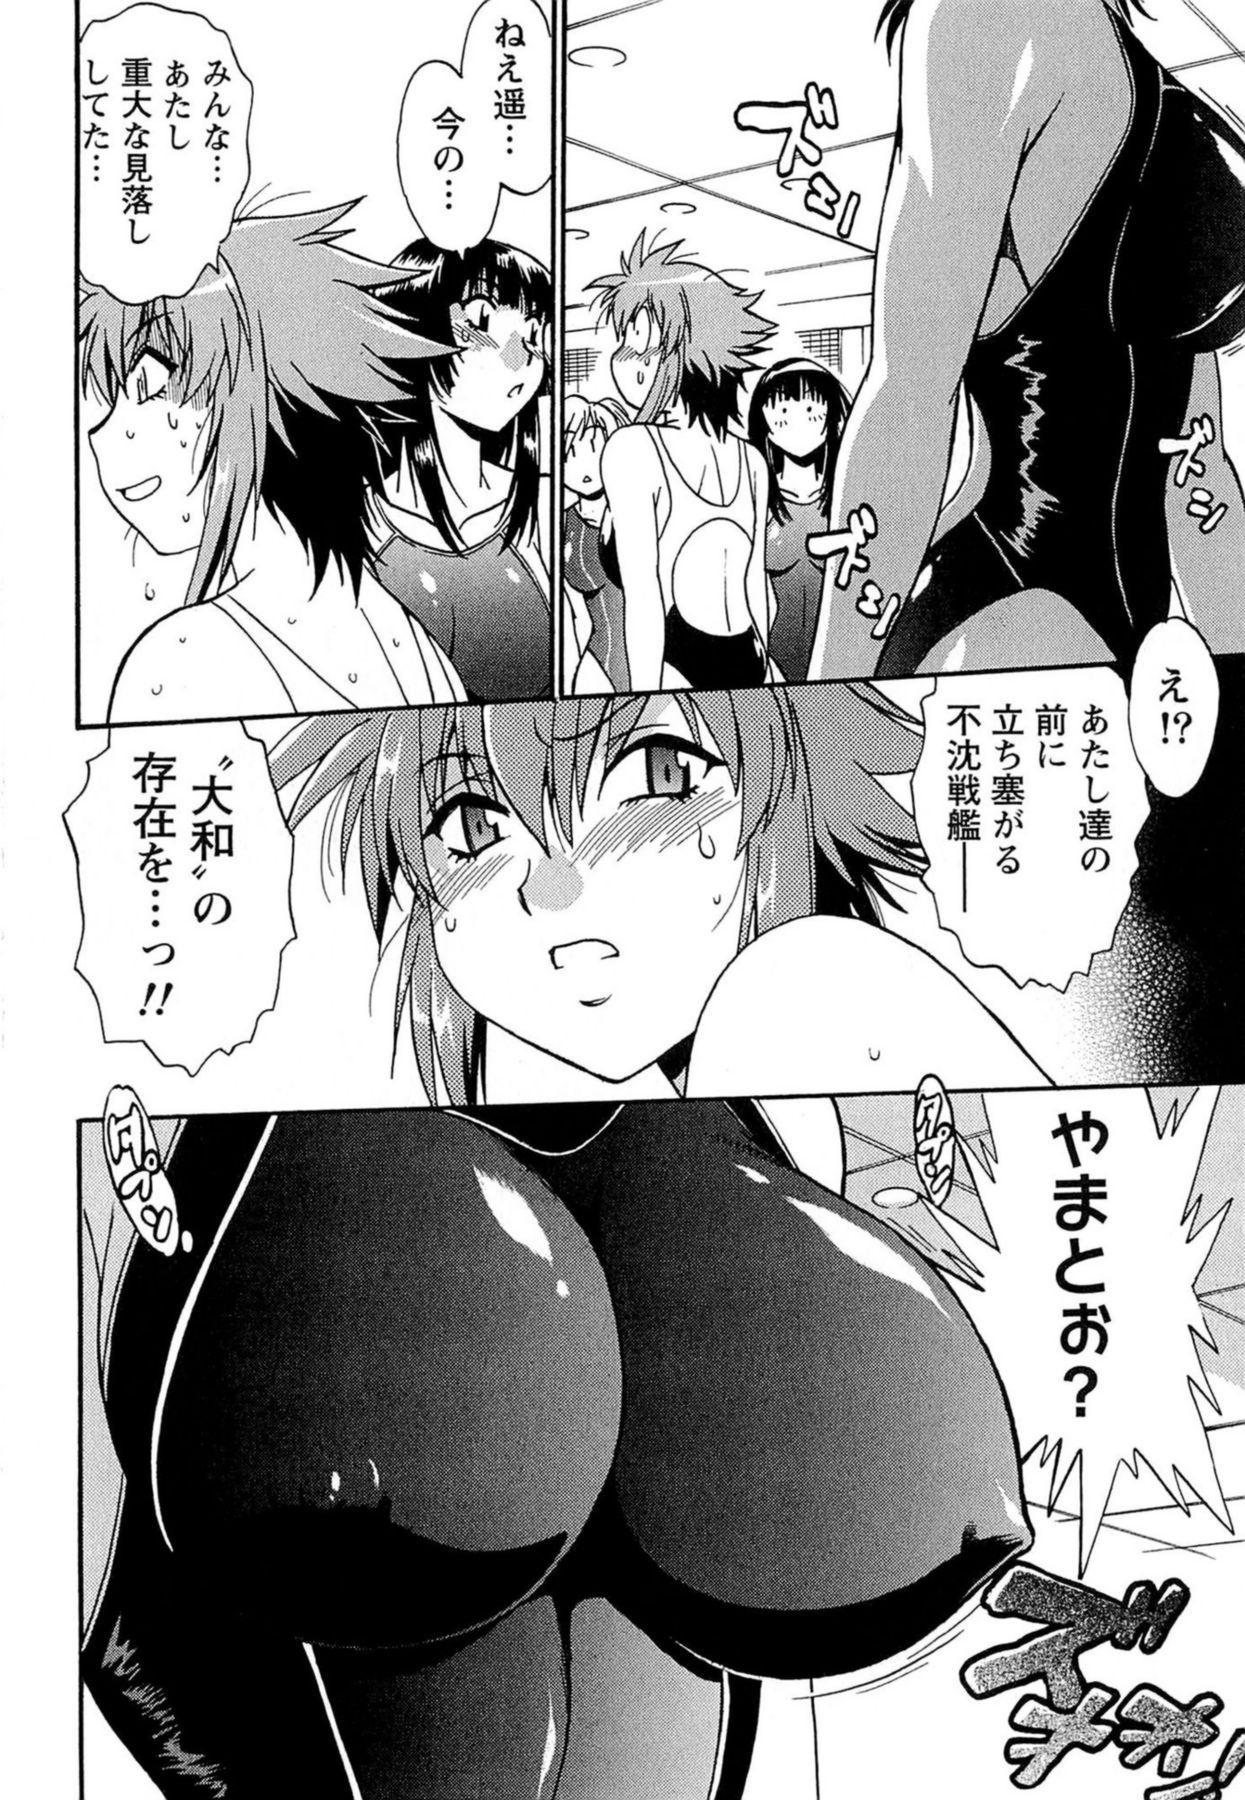 Kuikomi wo Naoshiteru Hima wa Nai! Vol. 1 92